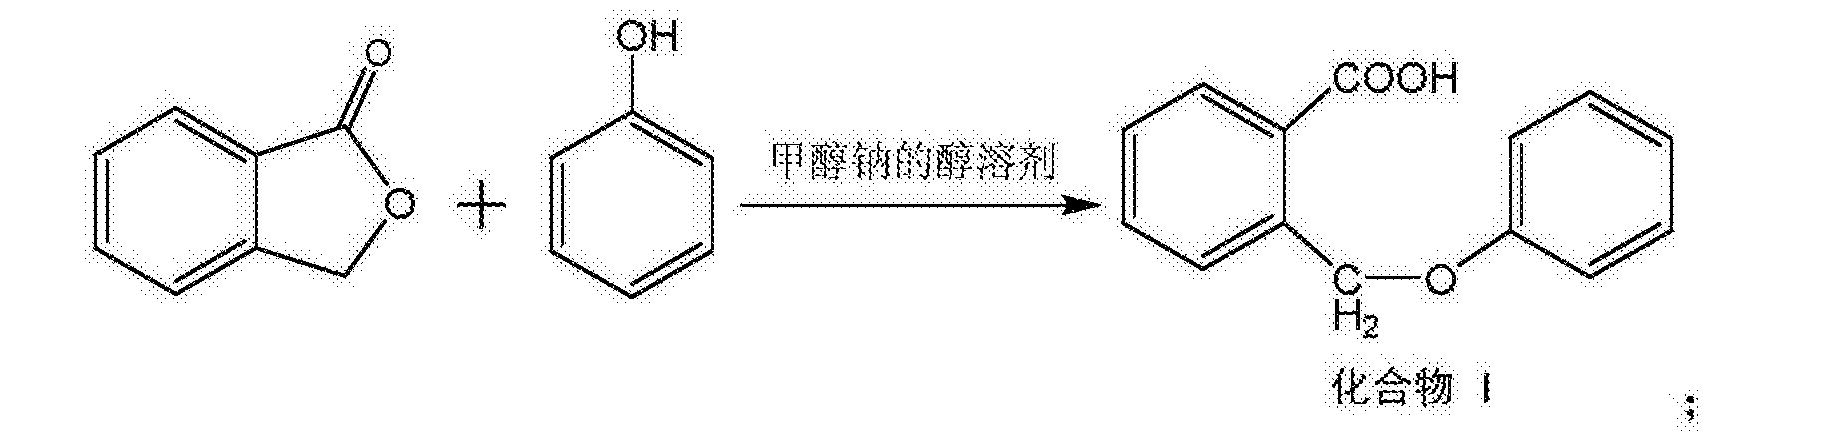 Figure CN105330638AC00023